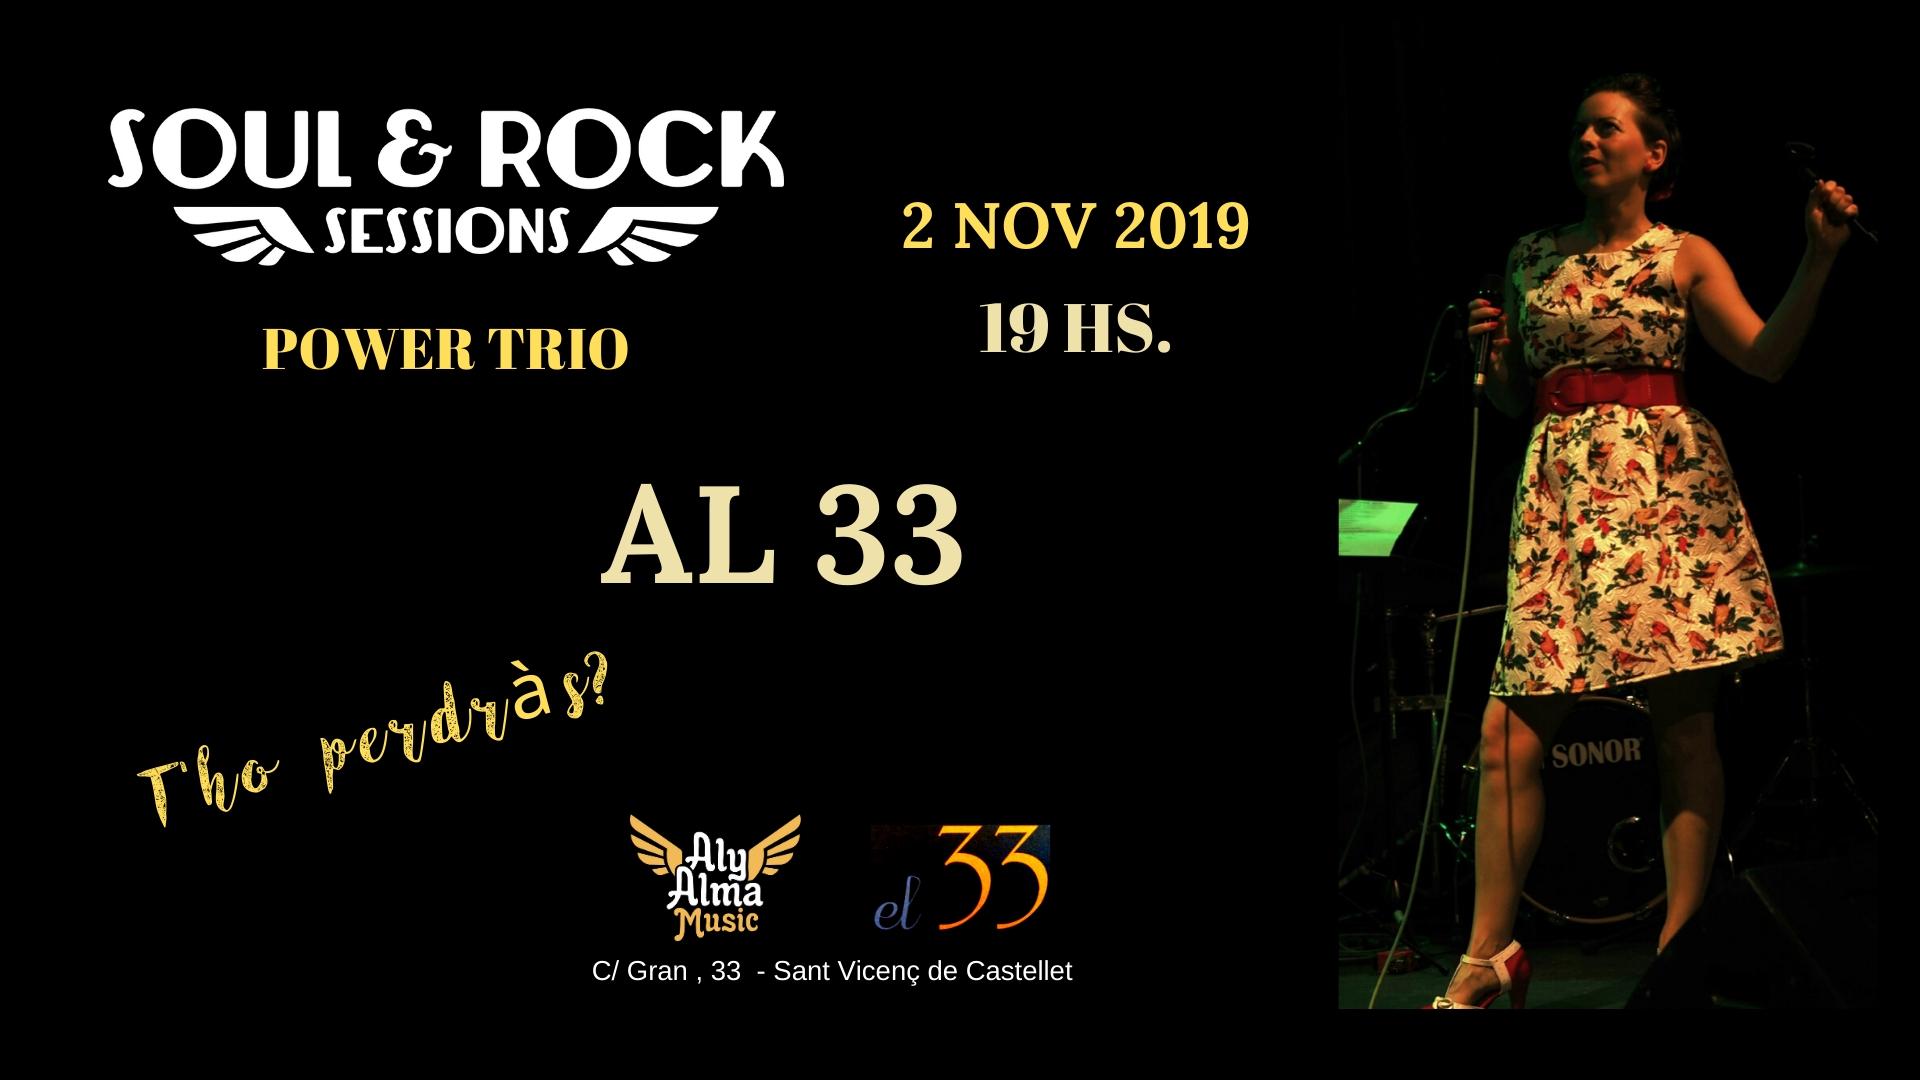 Soul & Rock - Aly Alma Music